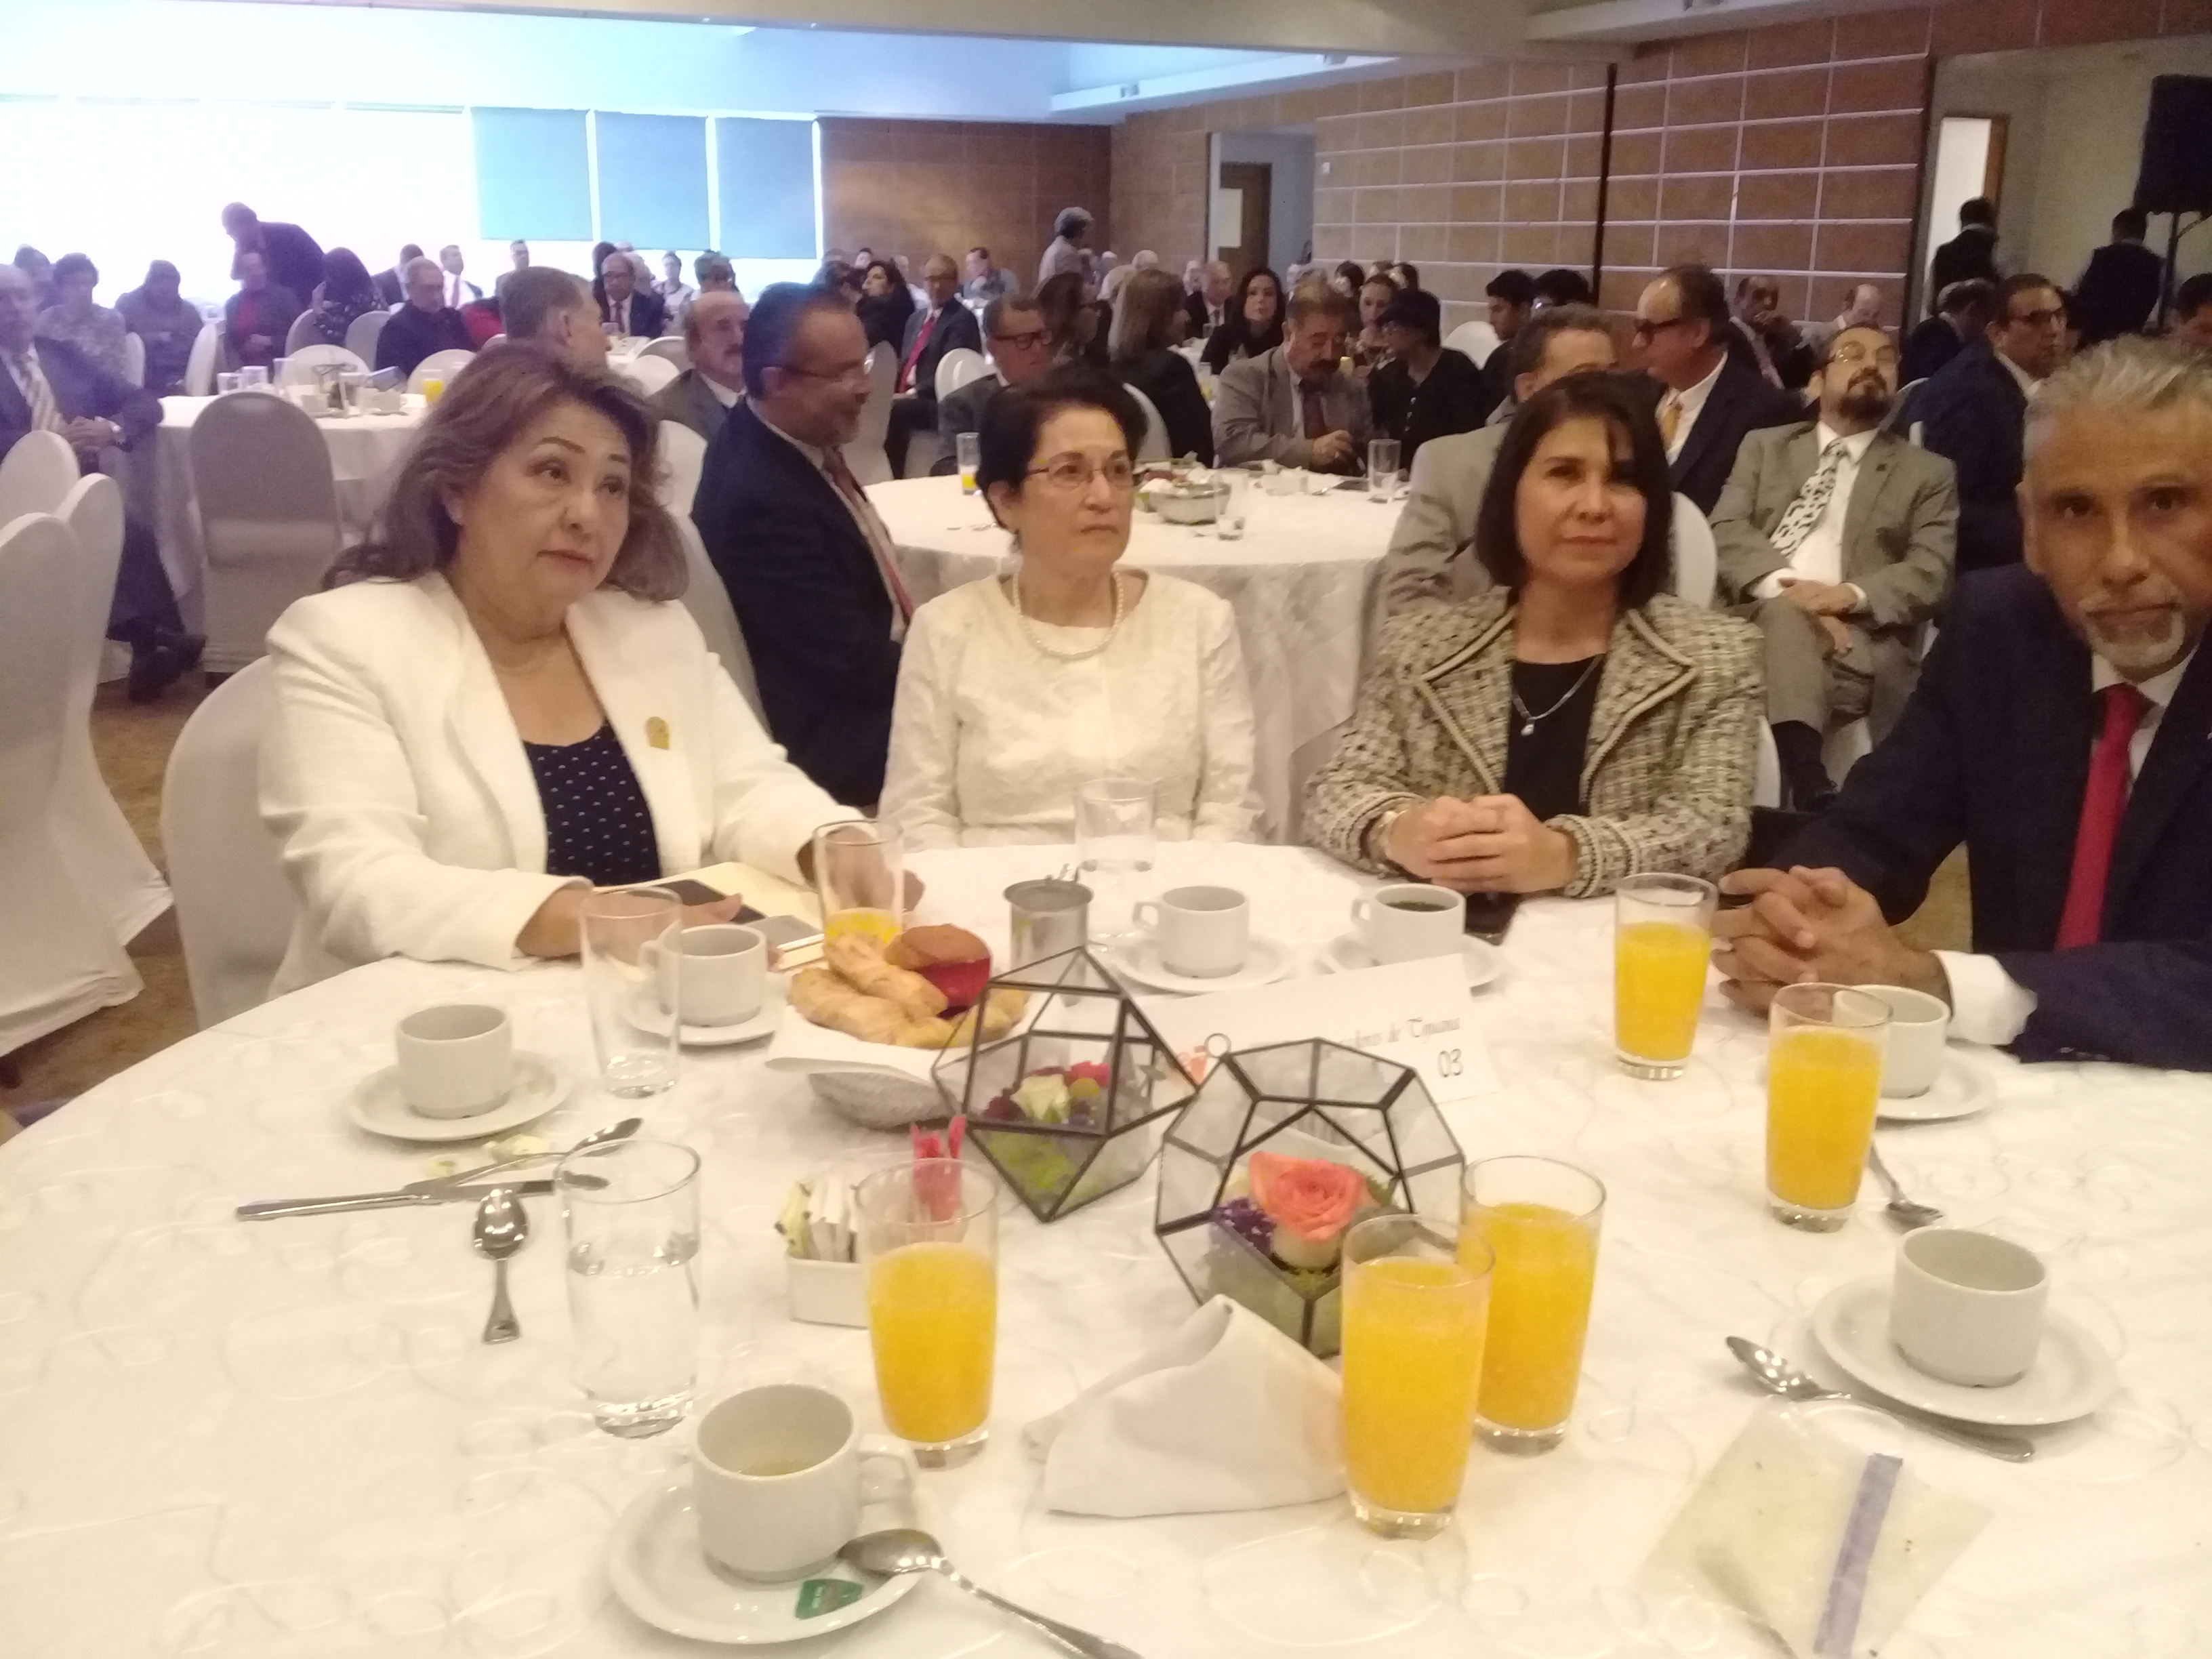 Reconoce Grupo Madrugadores a Tere Rique como Forjadora del Año